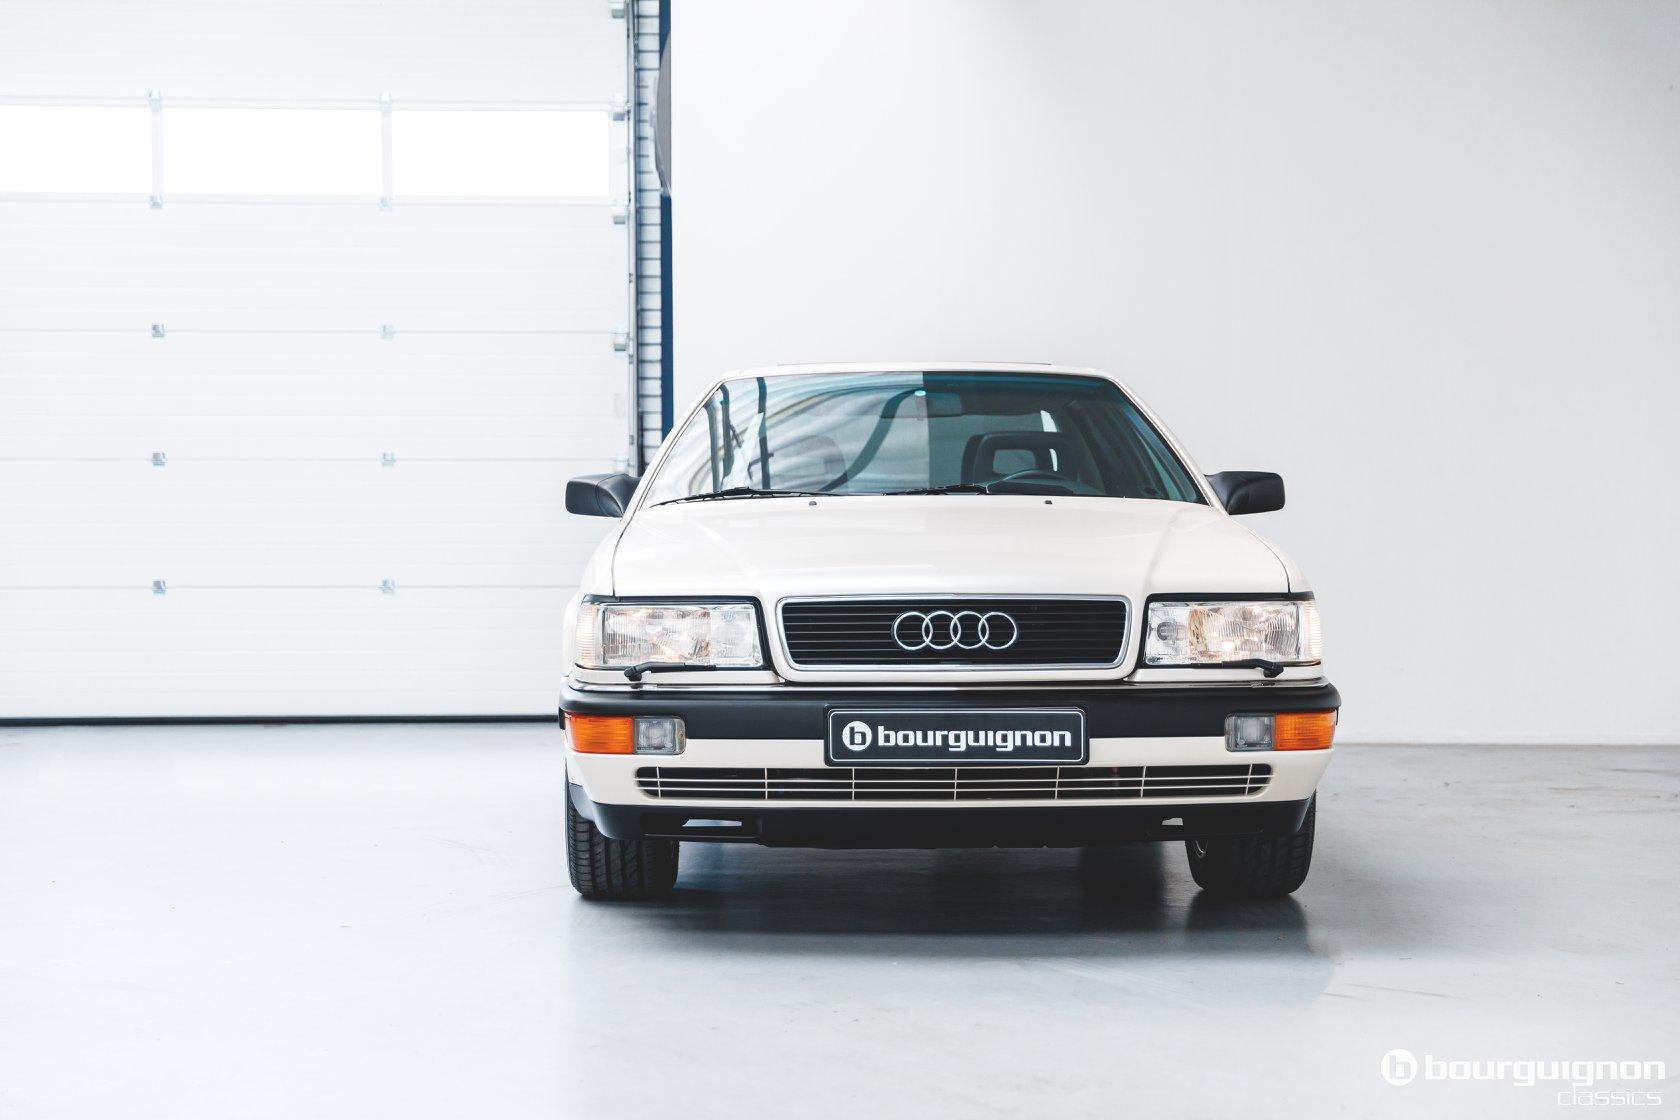 Audi-V8-1990-for-sale-9